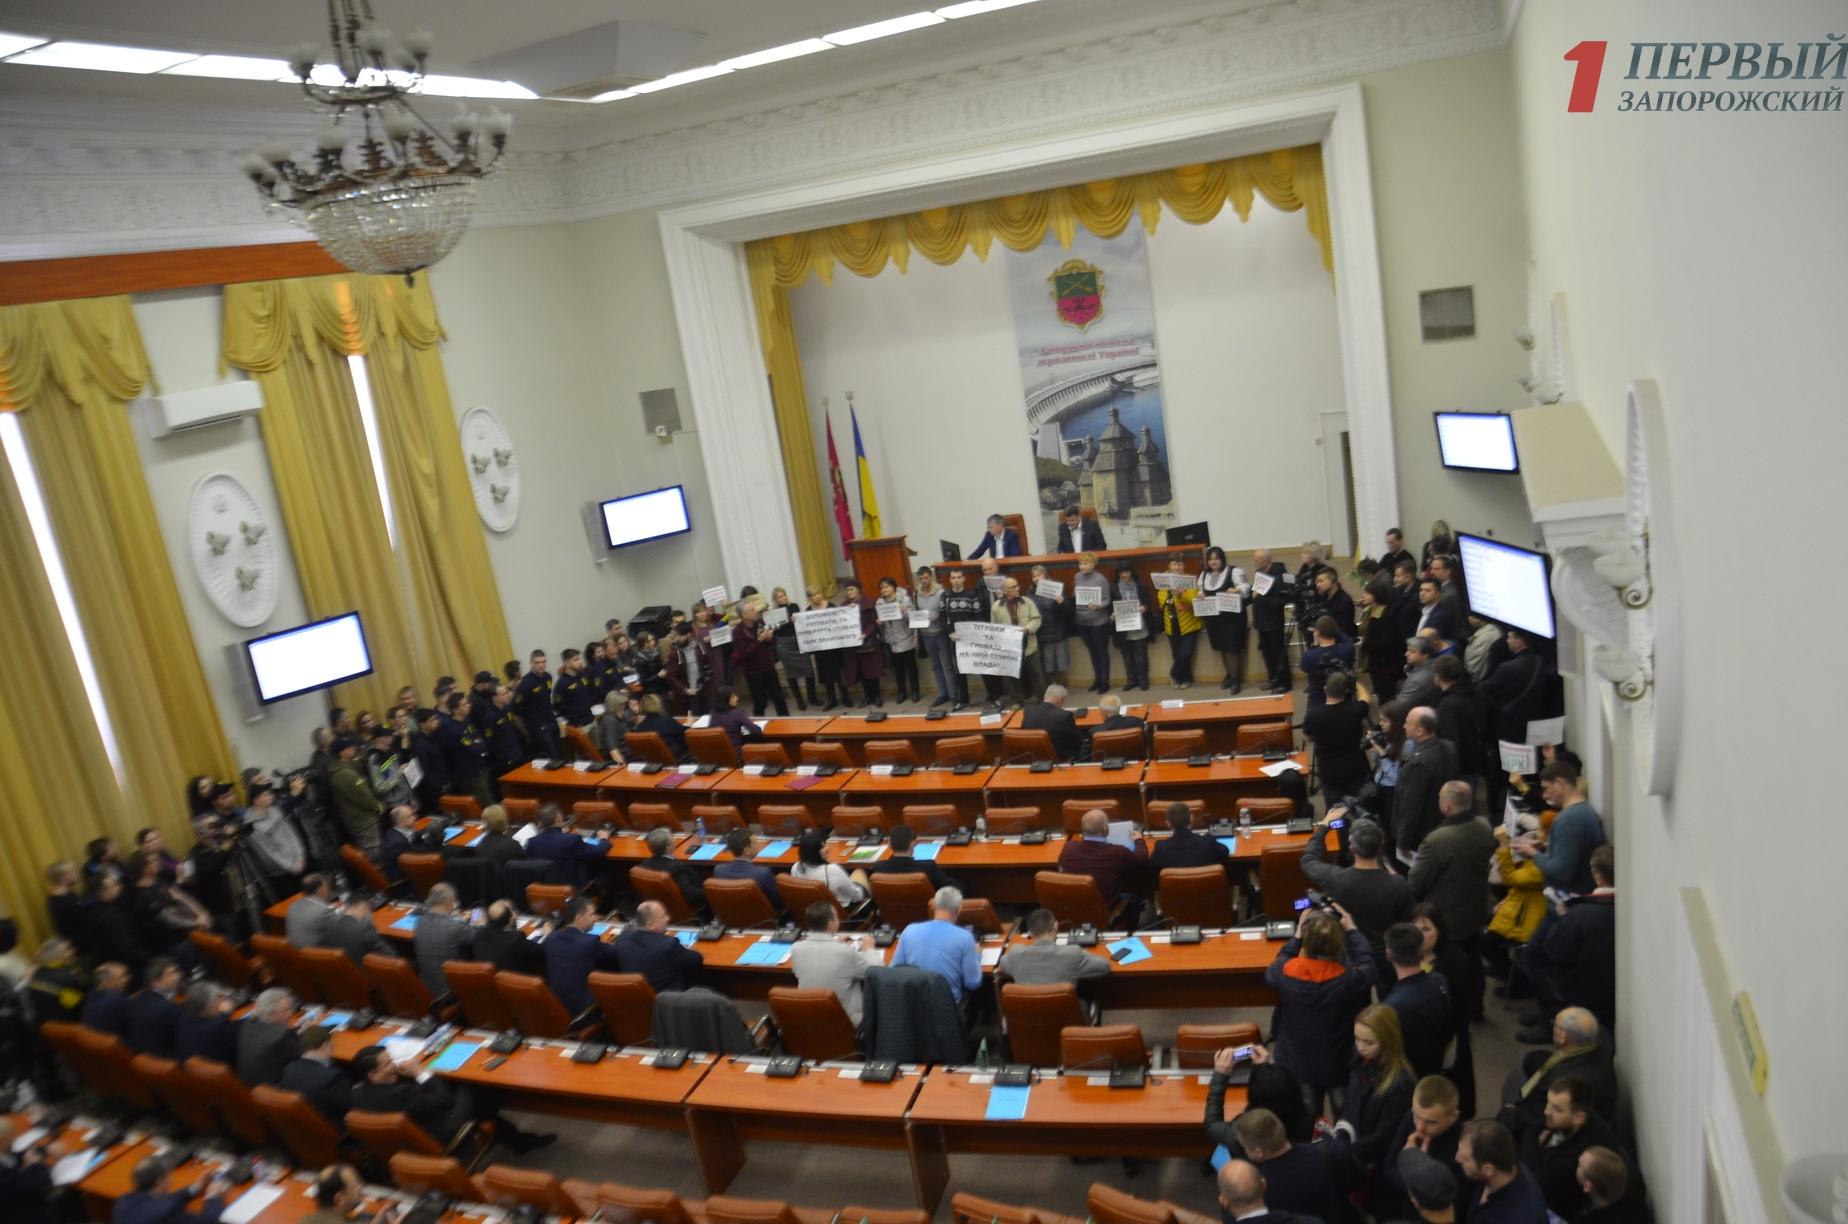 Стало известно, как запорожские избранники распределят средства депутатского фонда